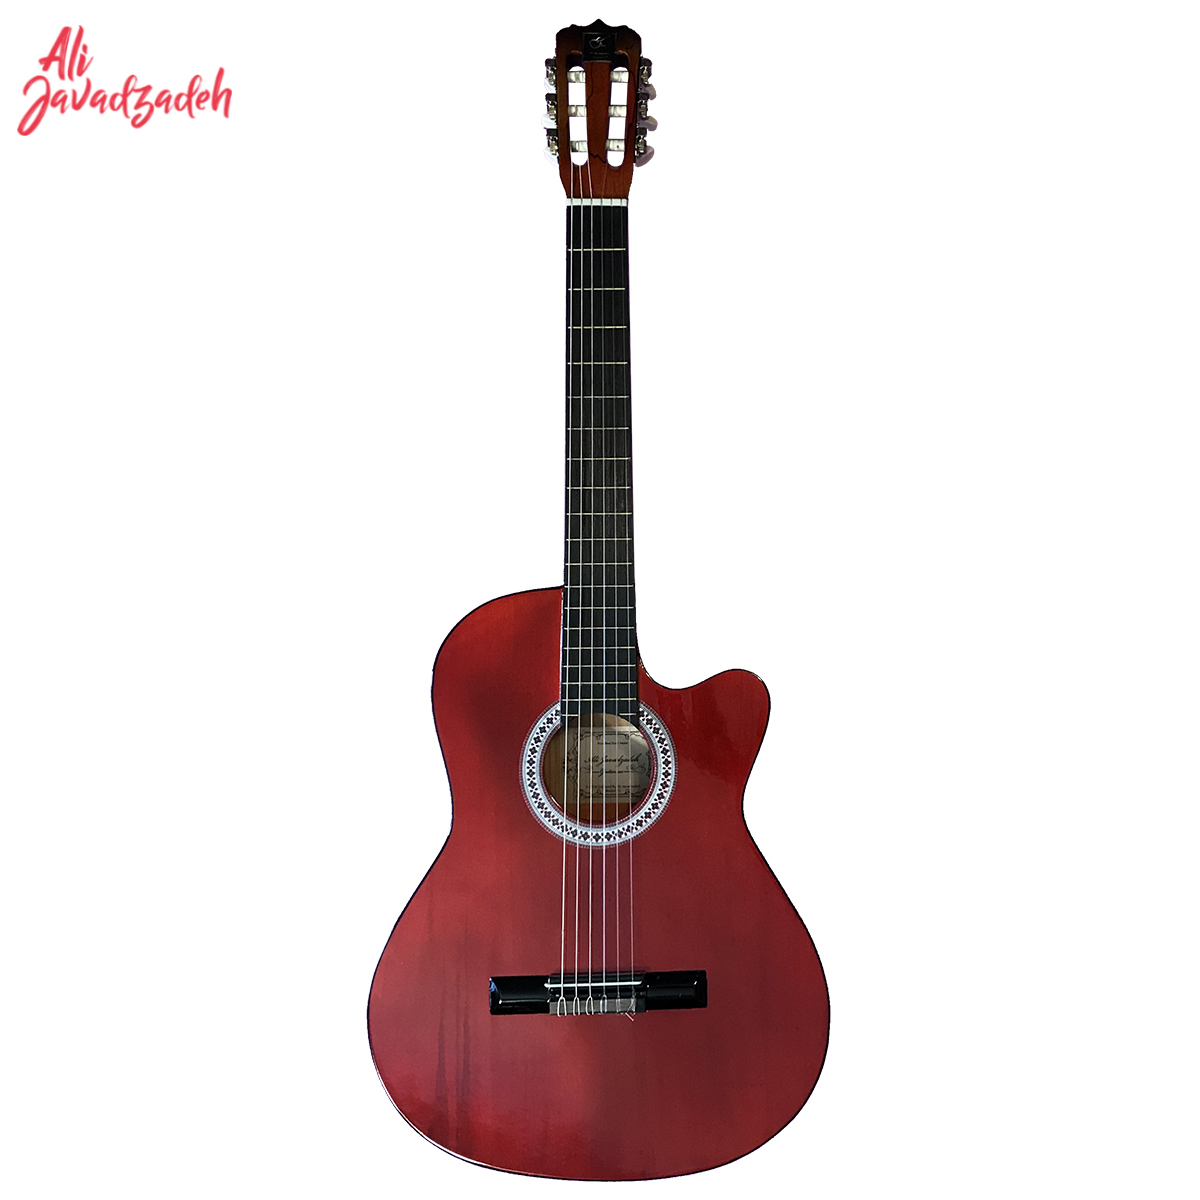 گیتار کلاسیک علی جوادزاده مدل 1C-8